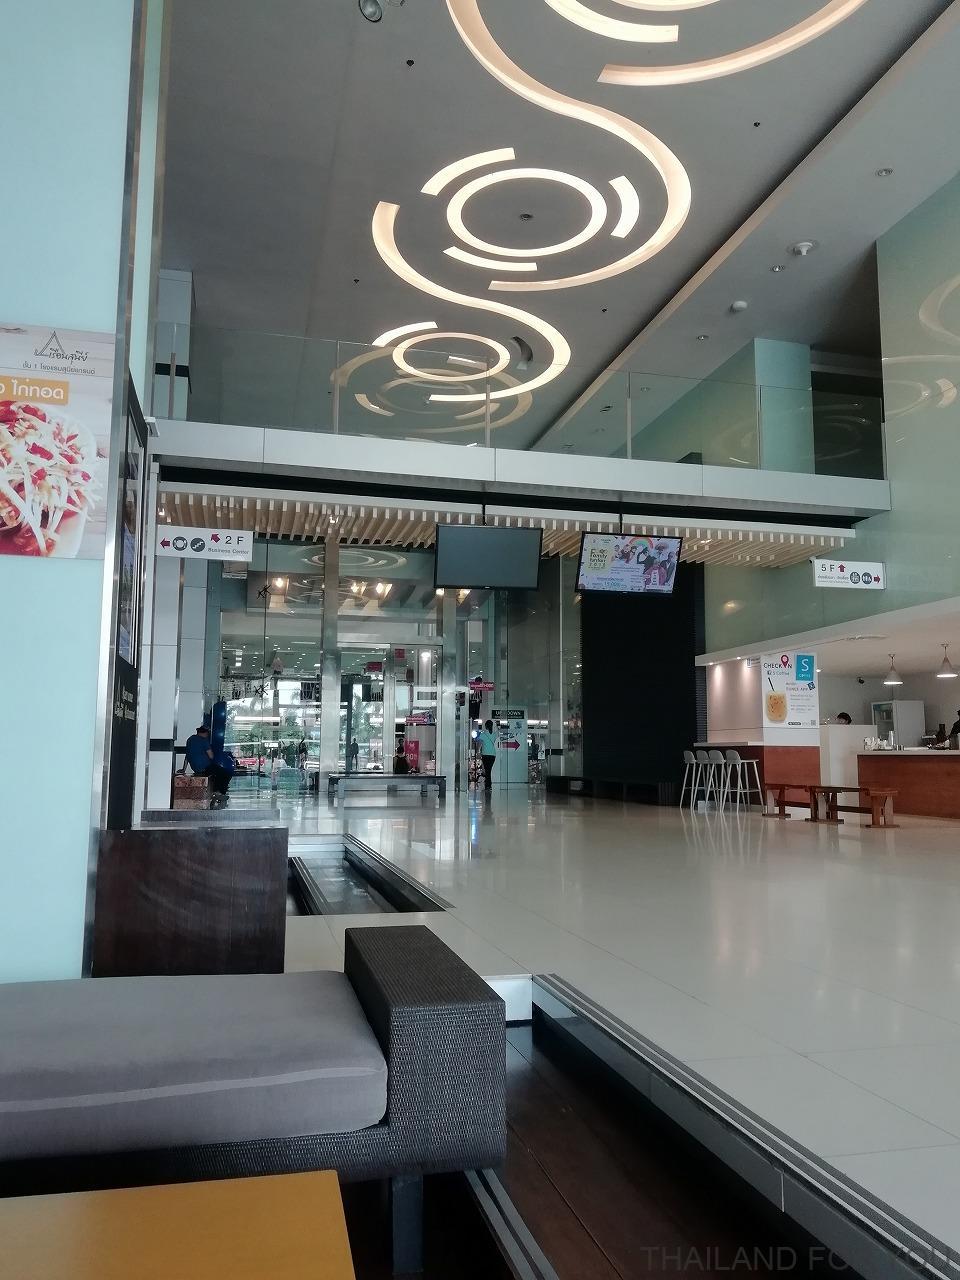 スニーグランドホテル ウボンラチャタニ 写真